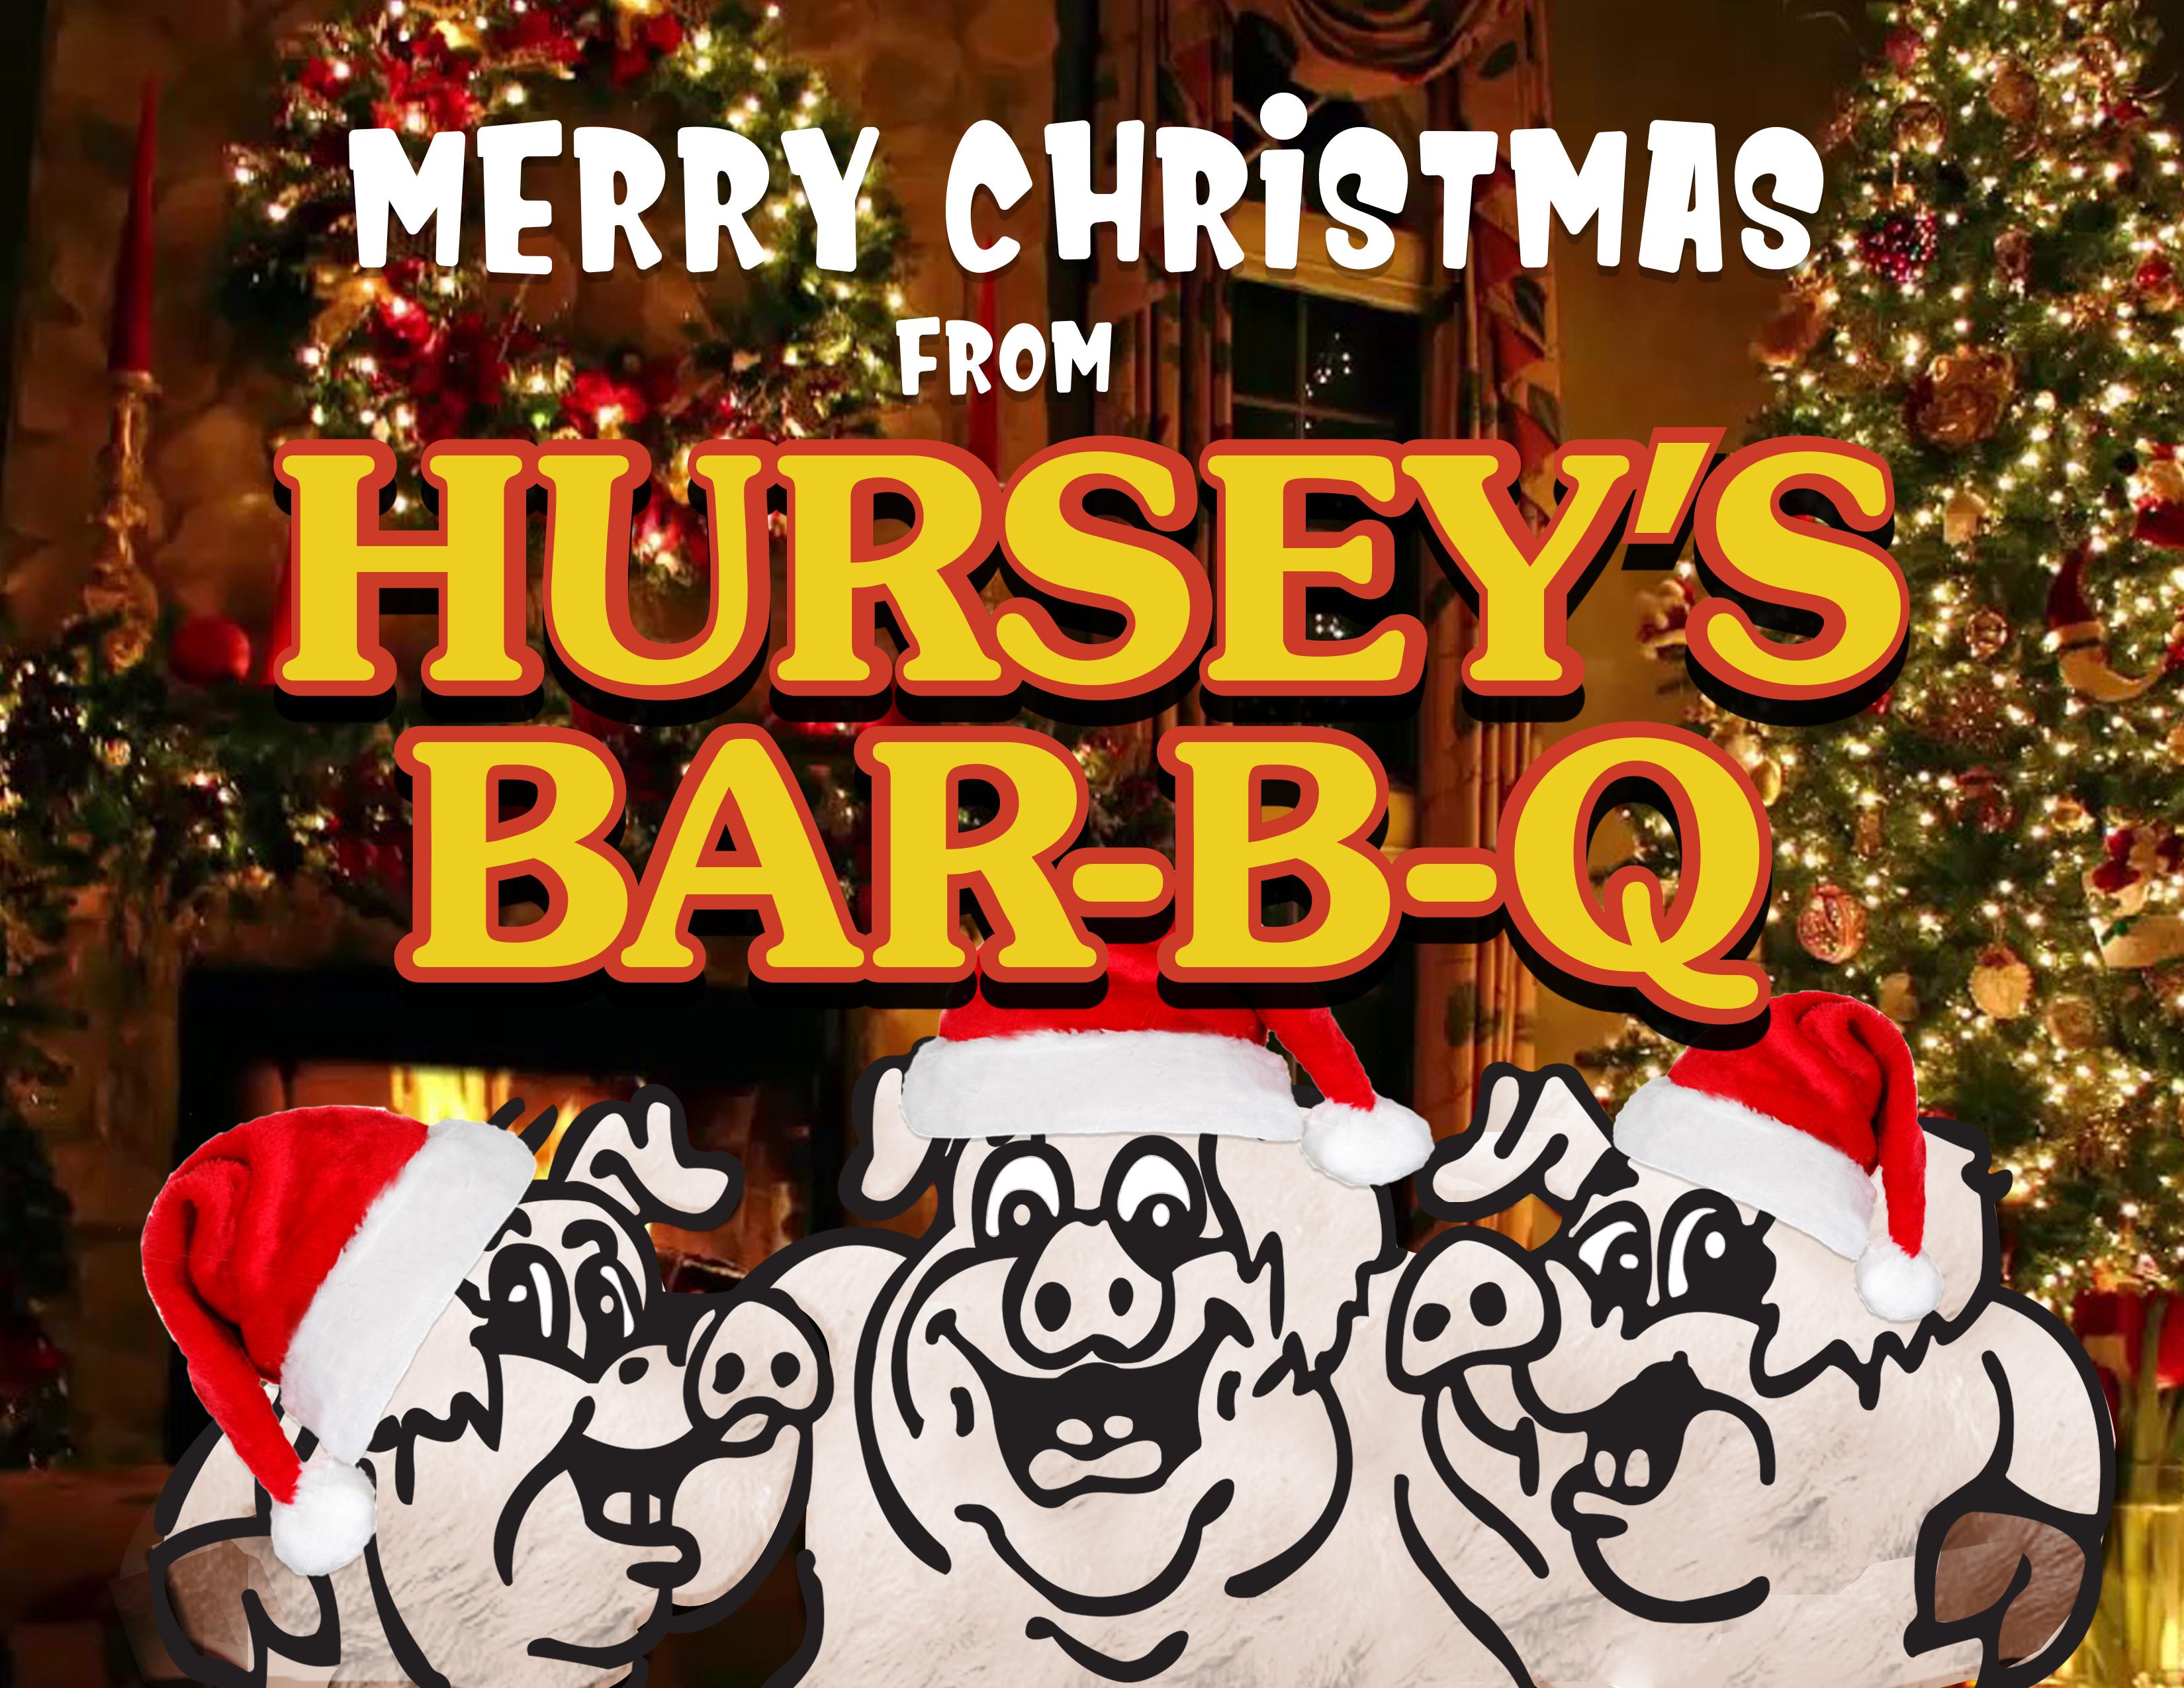 HURSEY'S CHRISTMAS